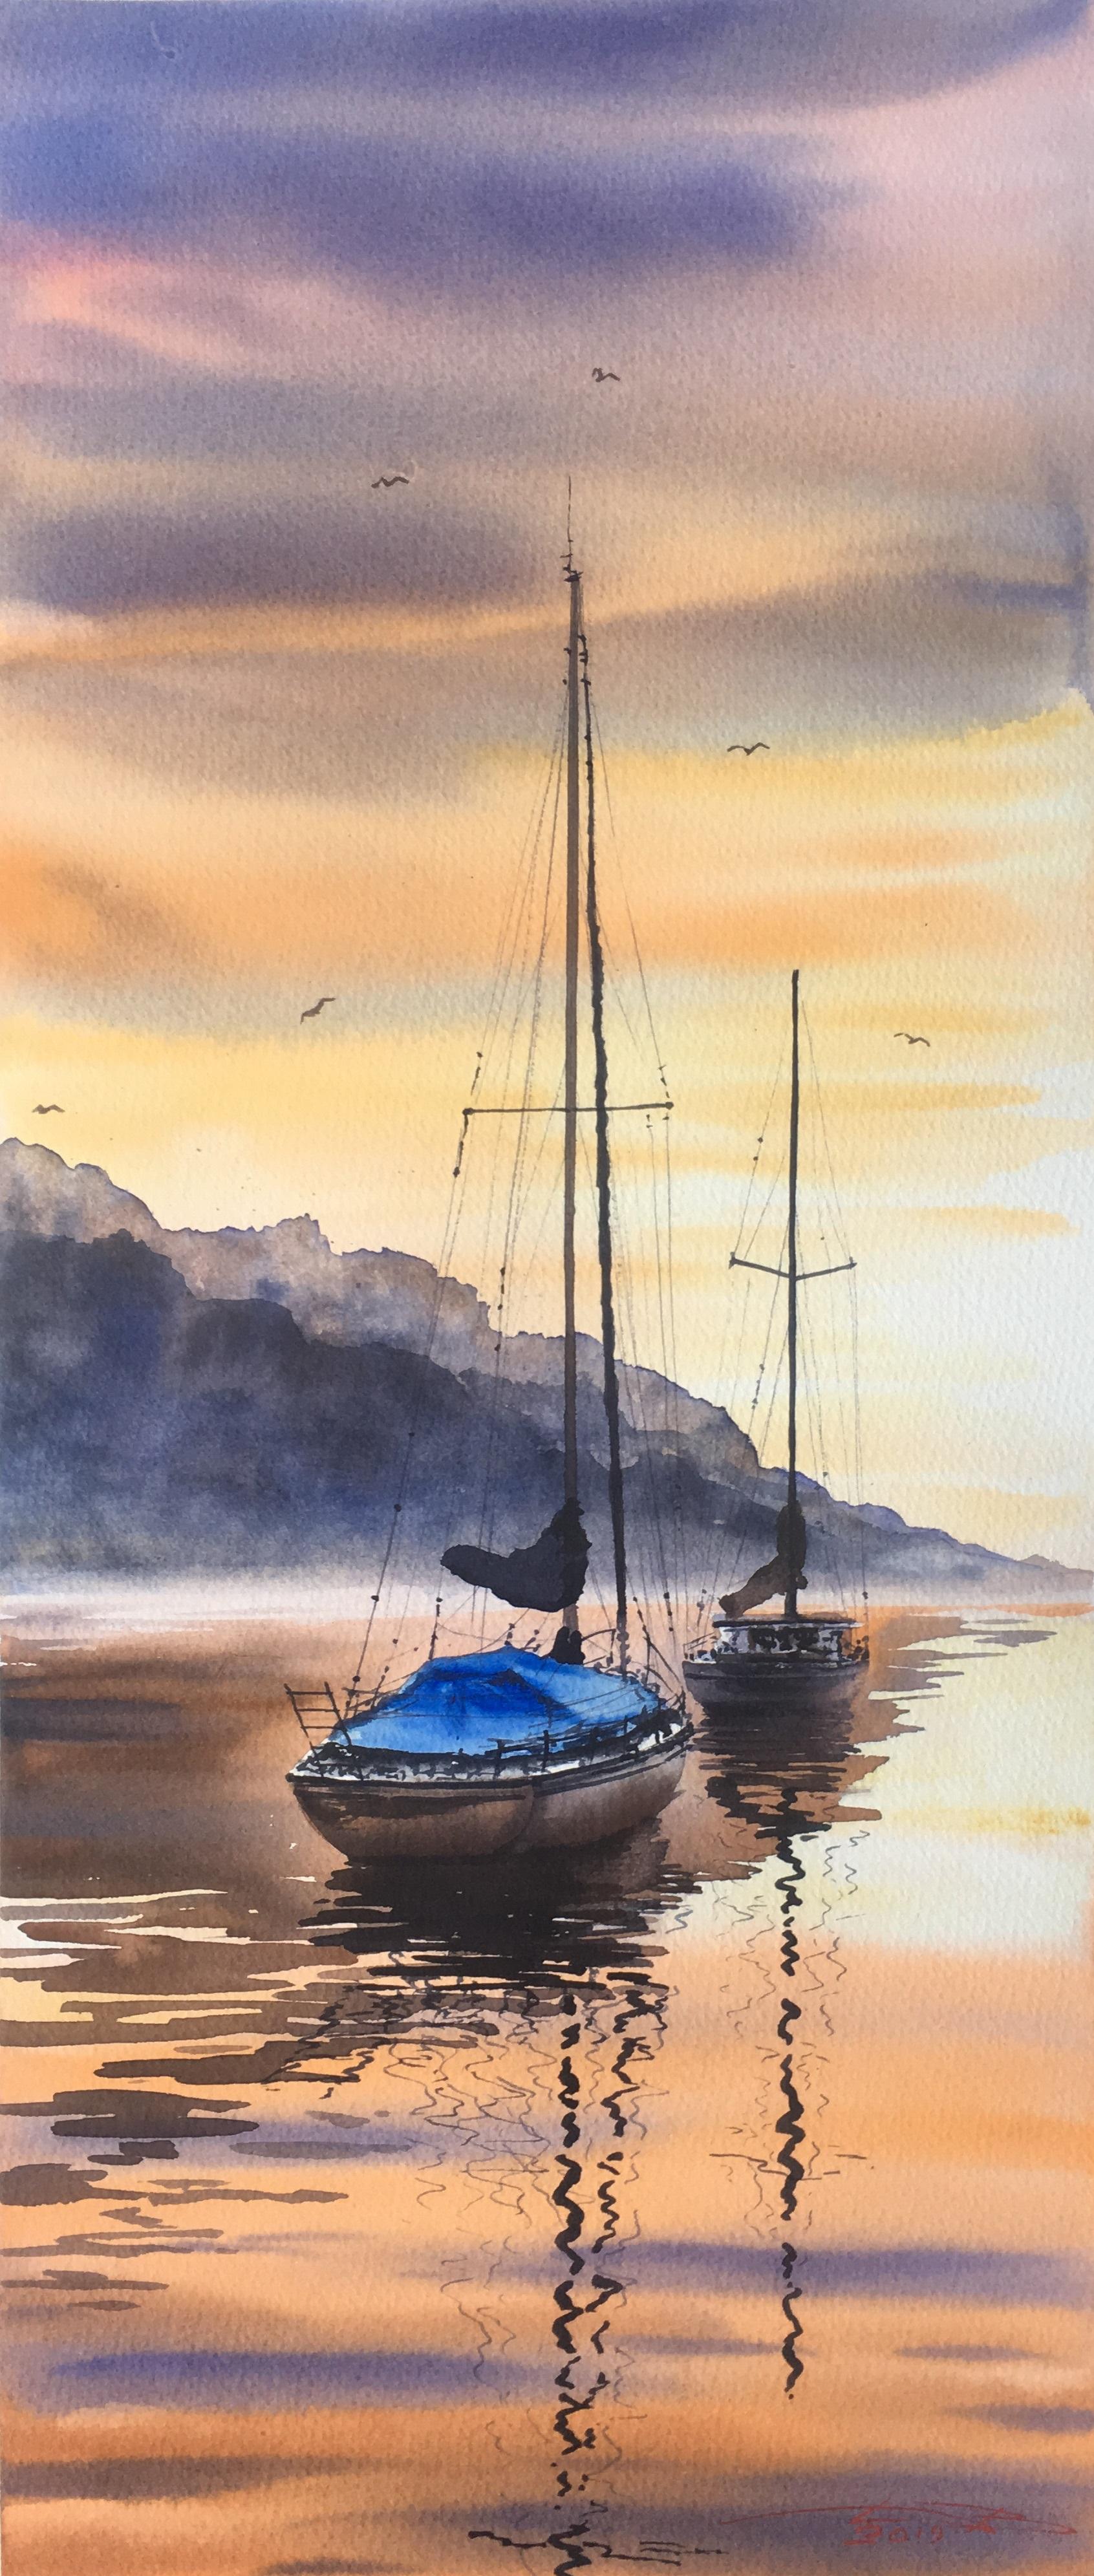 Yachts on the Como lake